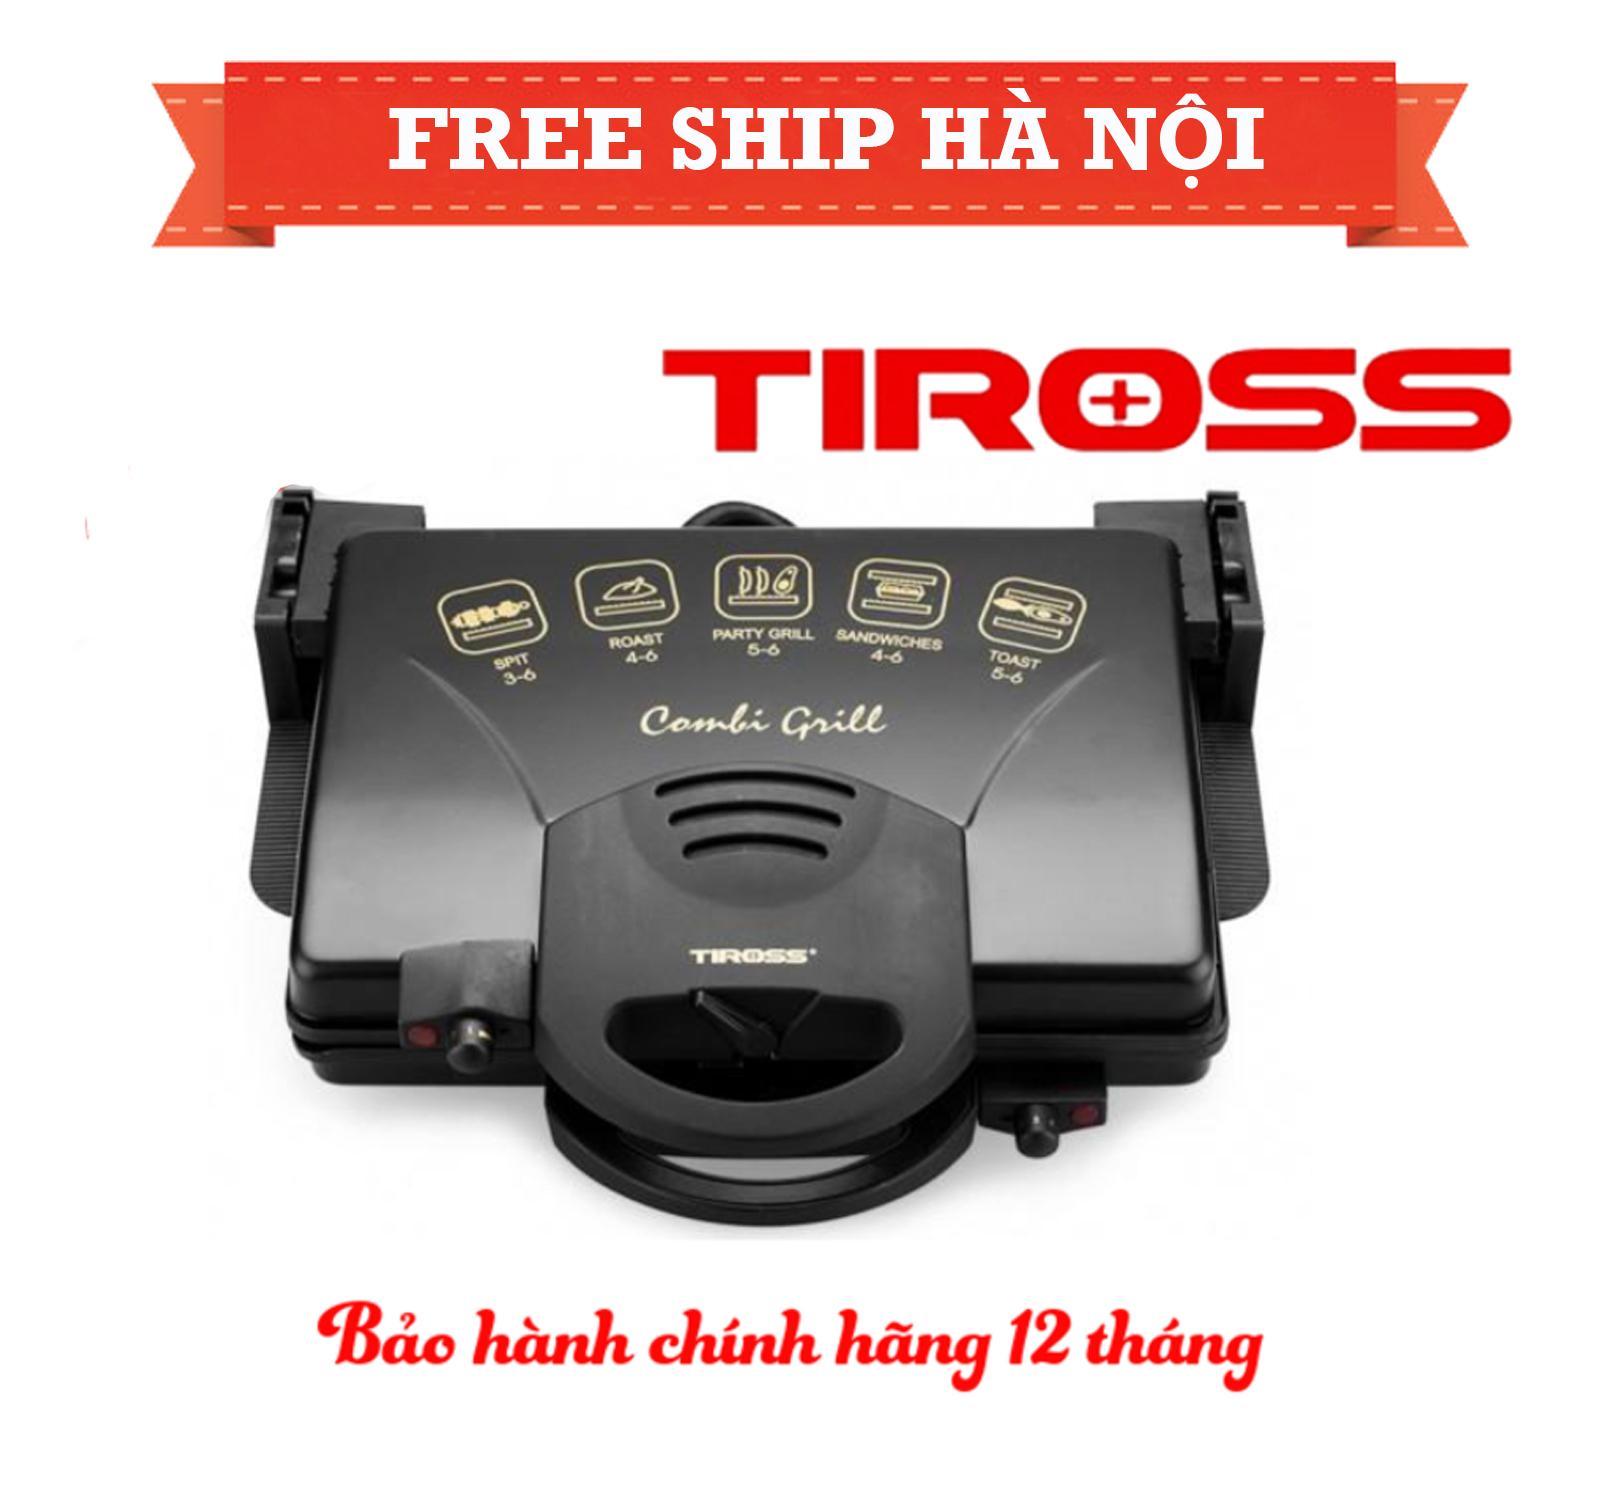 Hình ảnh Máy kẹp bánh mỳ đa năng nhập khẩu chính hãng Tiross TS965